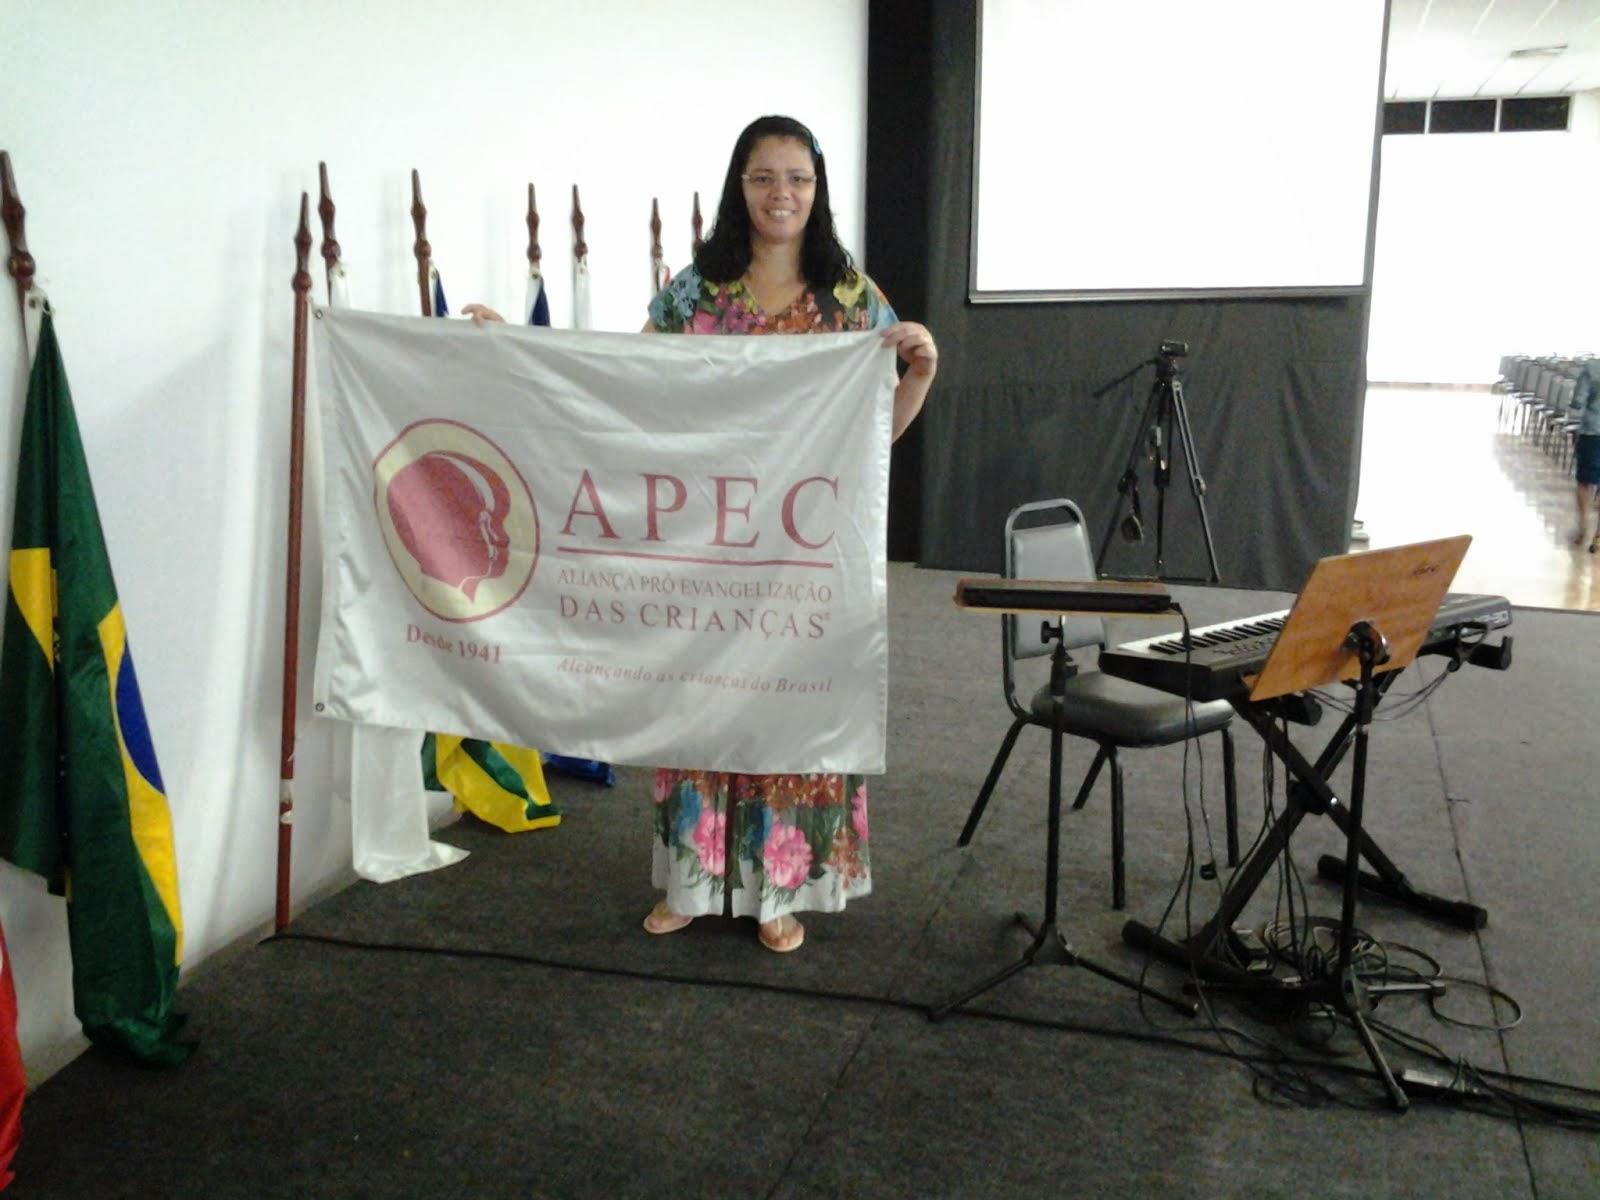 CONGRESSO DA APEC 2013